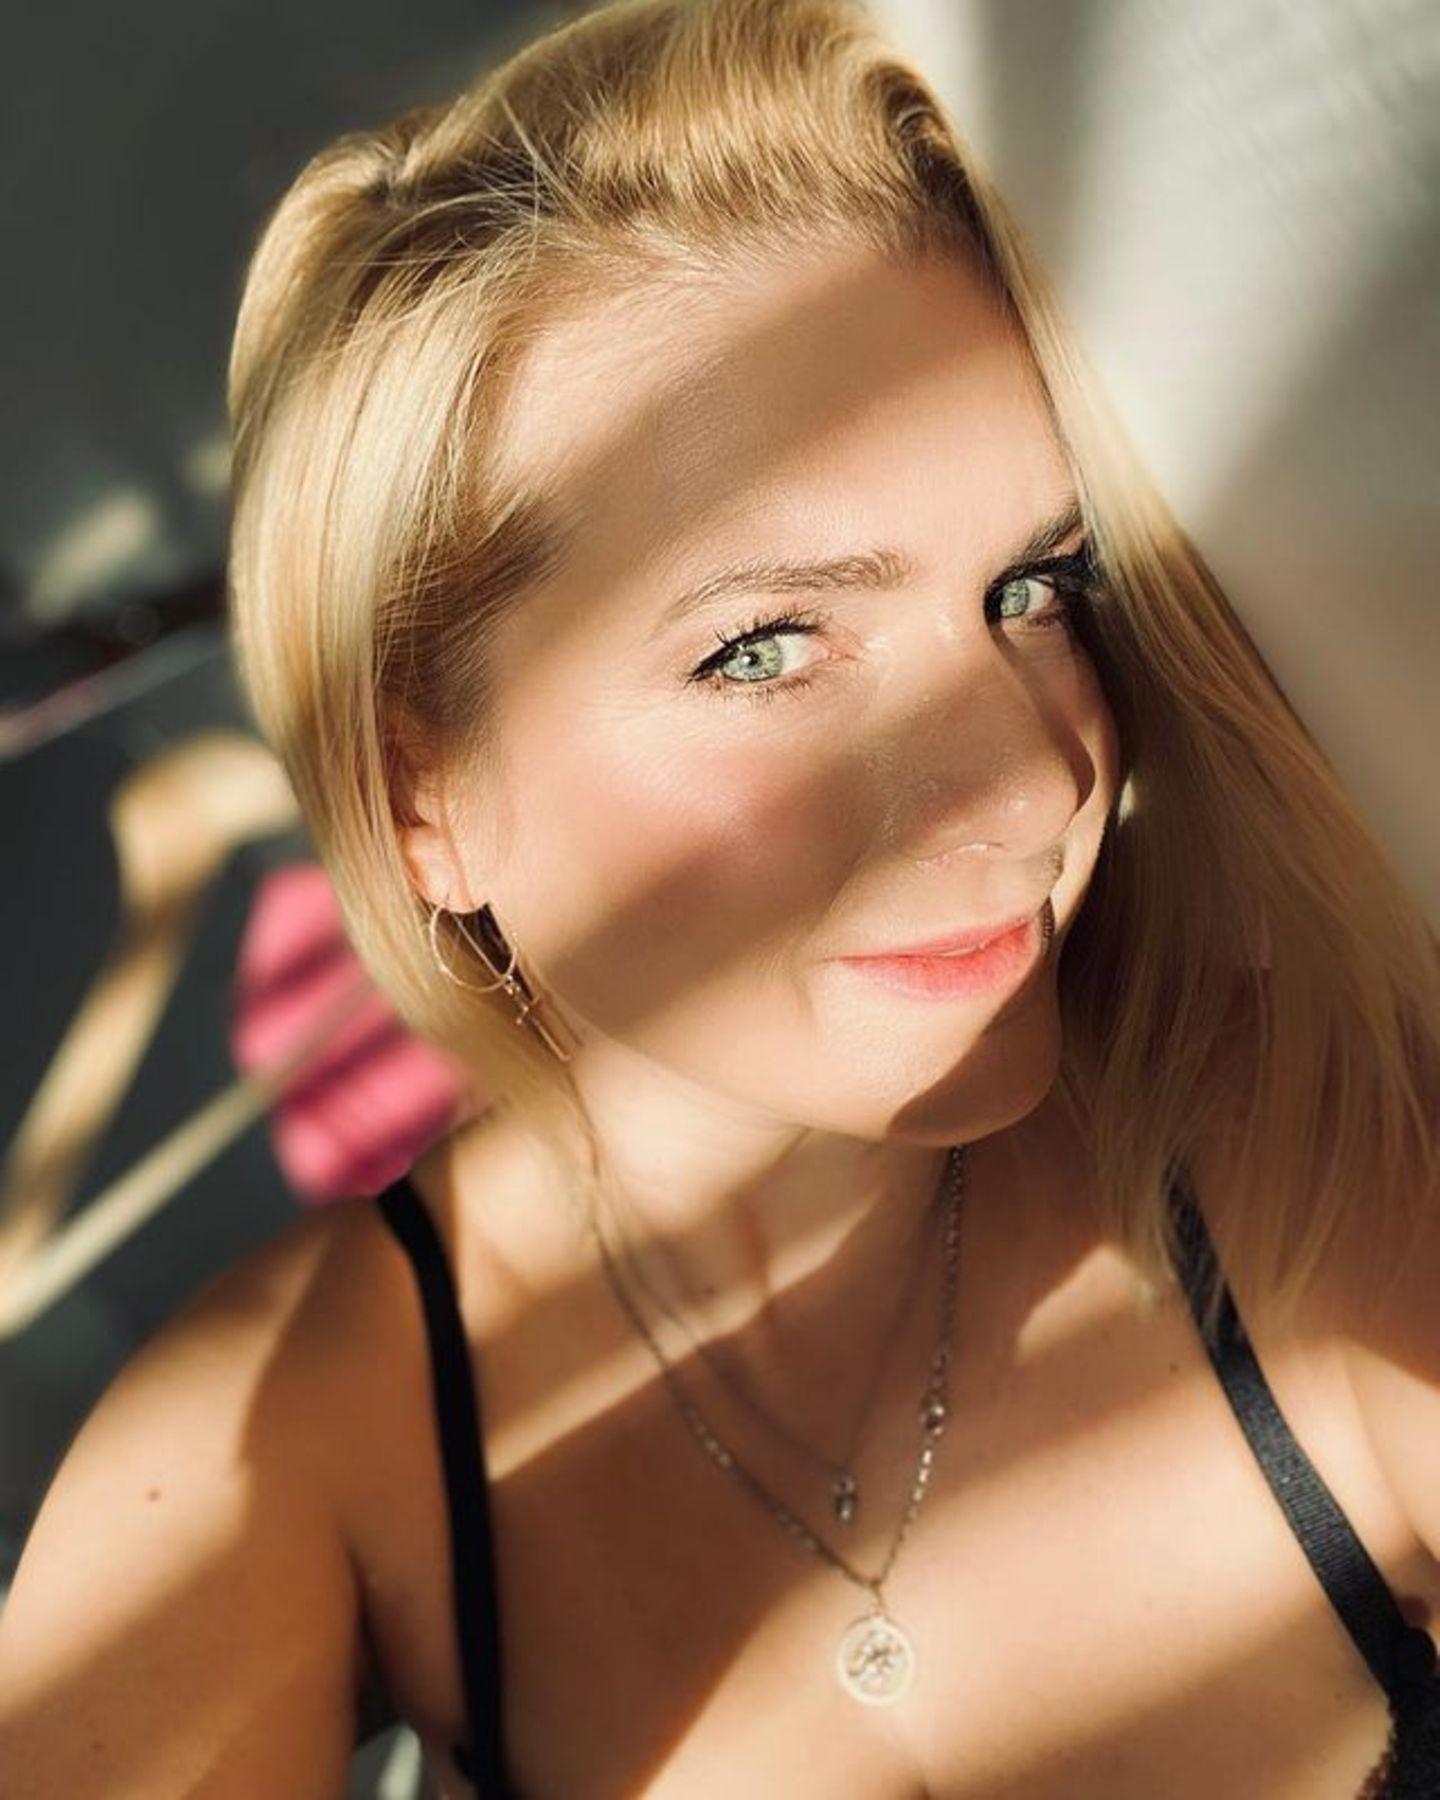 ...mag sie es heute gerne natürlich! Mit 41 Jahren strahlt sie immer noch wie früher, ihren tollen grünen Augen und dem rosigen Teint sei Dank.